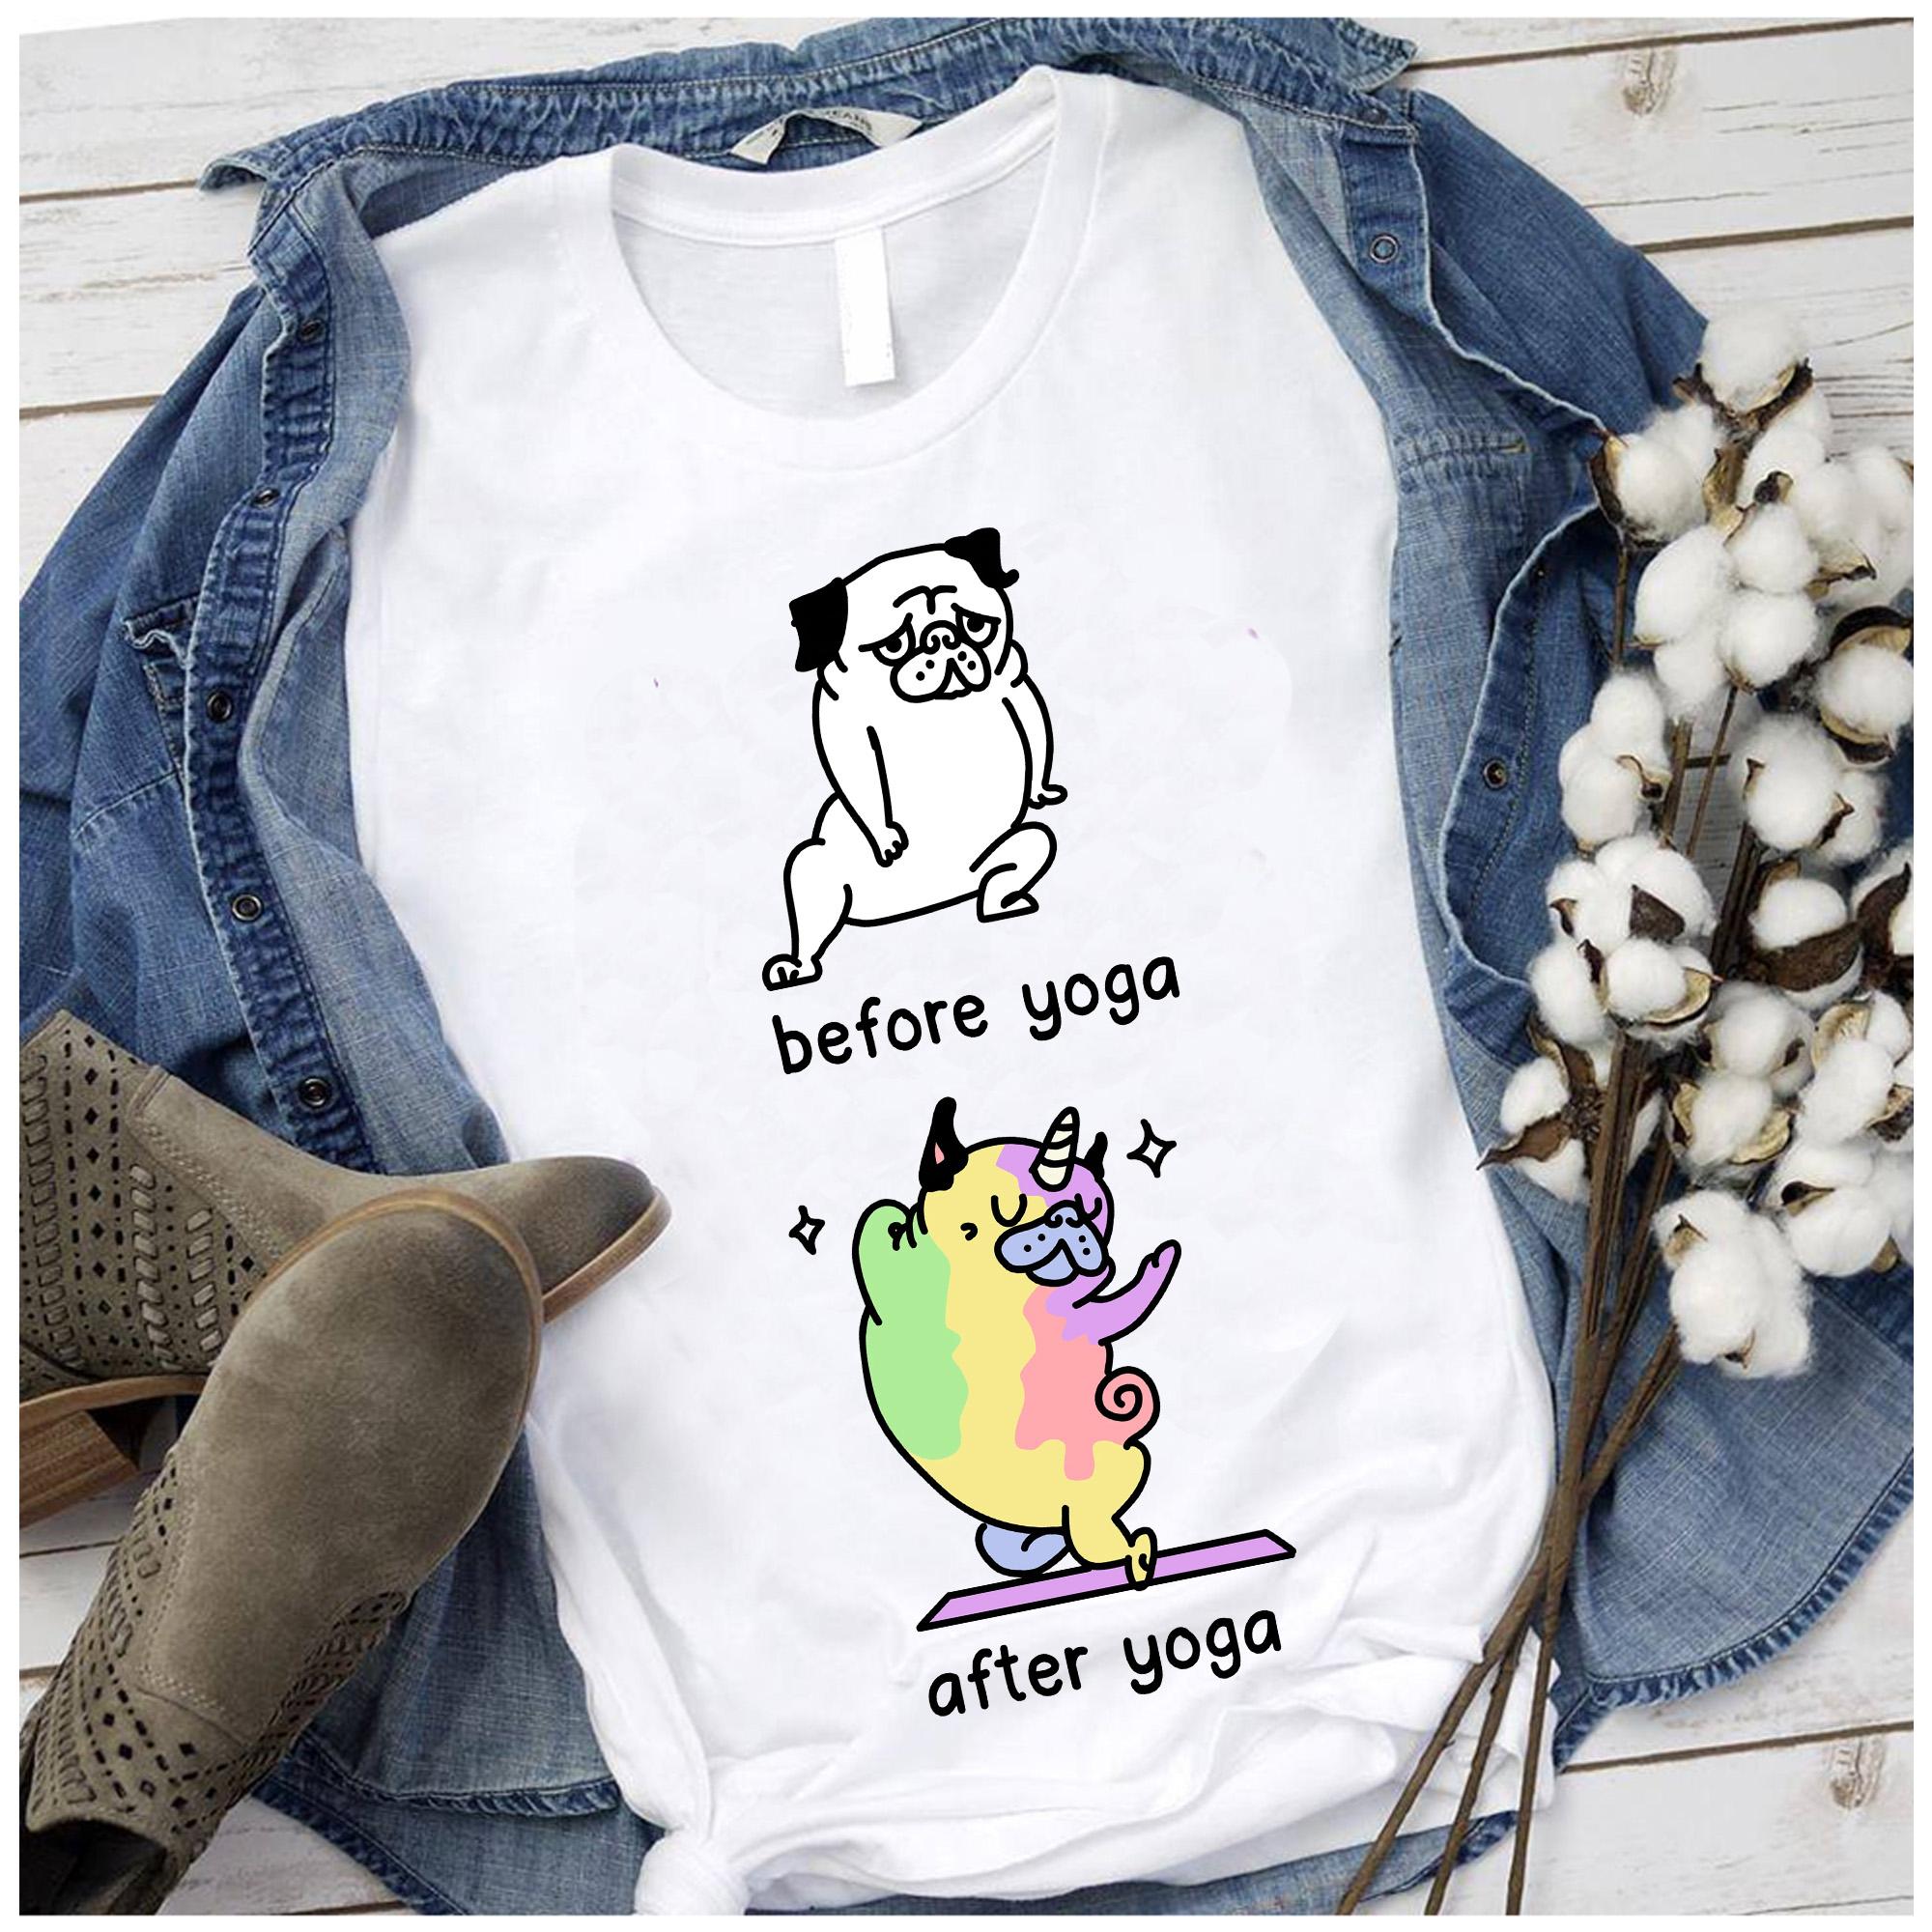 Pug Dog Yoga Shirt Before Yoga After Yoga Unicorn Pug